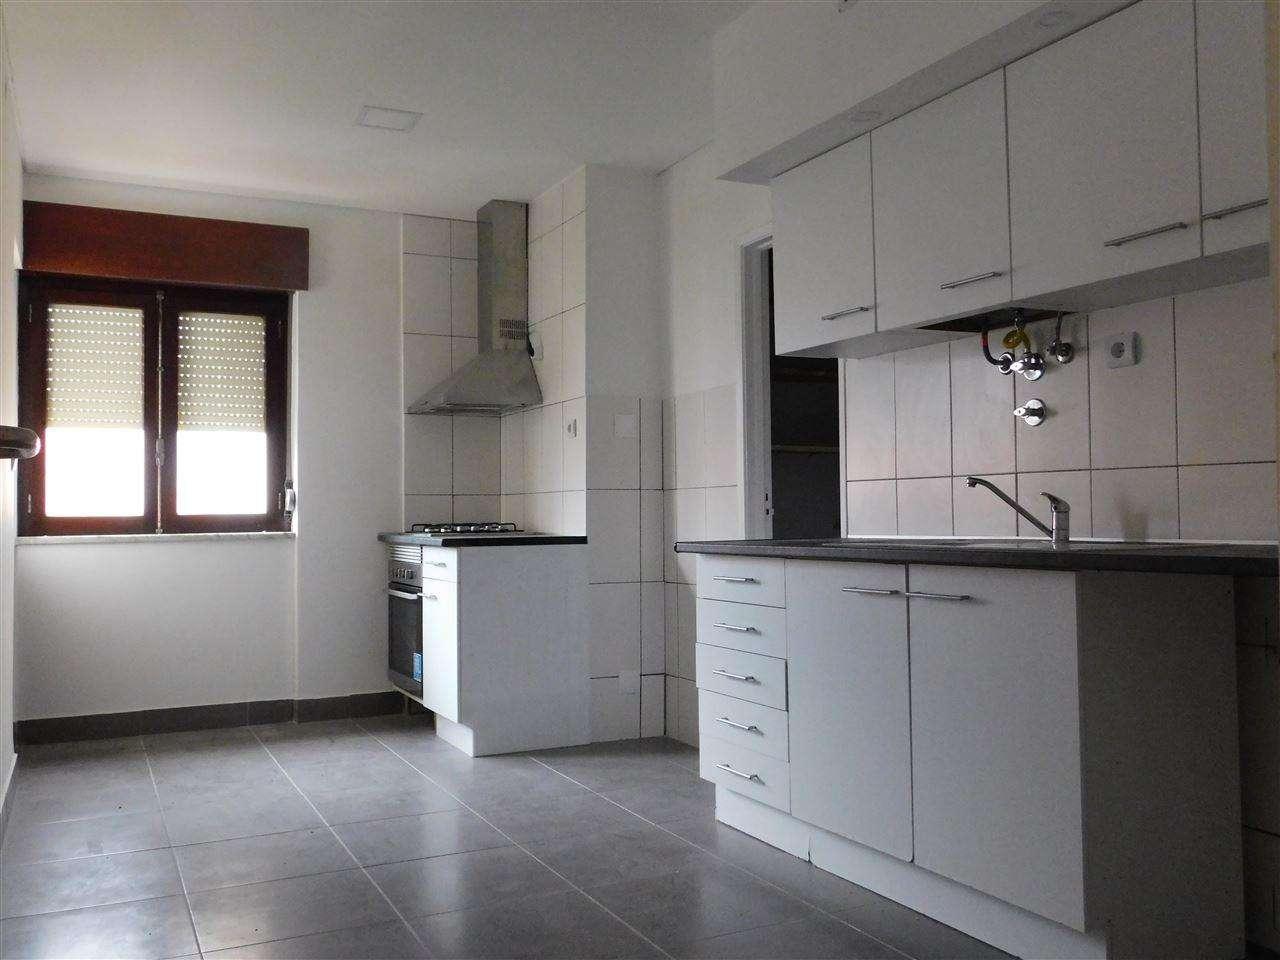 Apartamento para comprar, Fundão, Valverde, Donas, Aldeia de Joanes e Aldeia Nova do Cabo, Castelo Branco - Foto 2